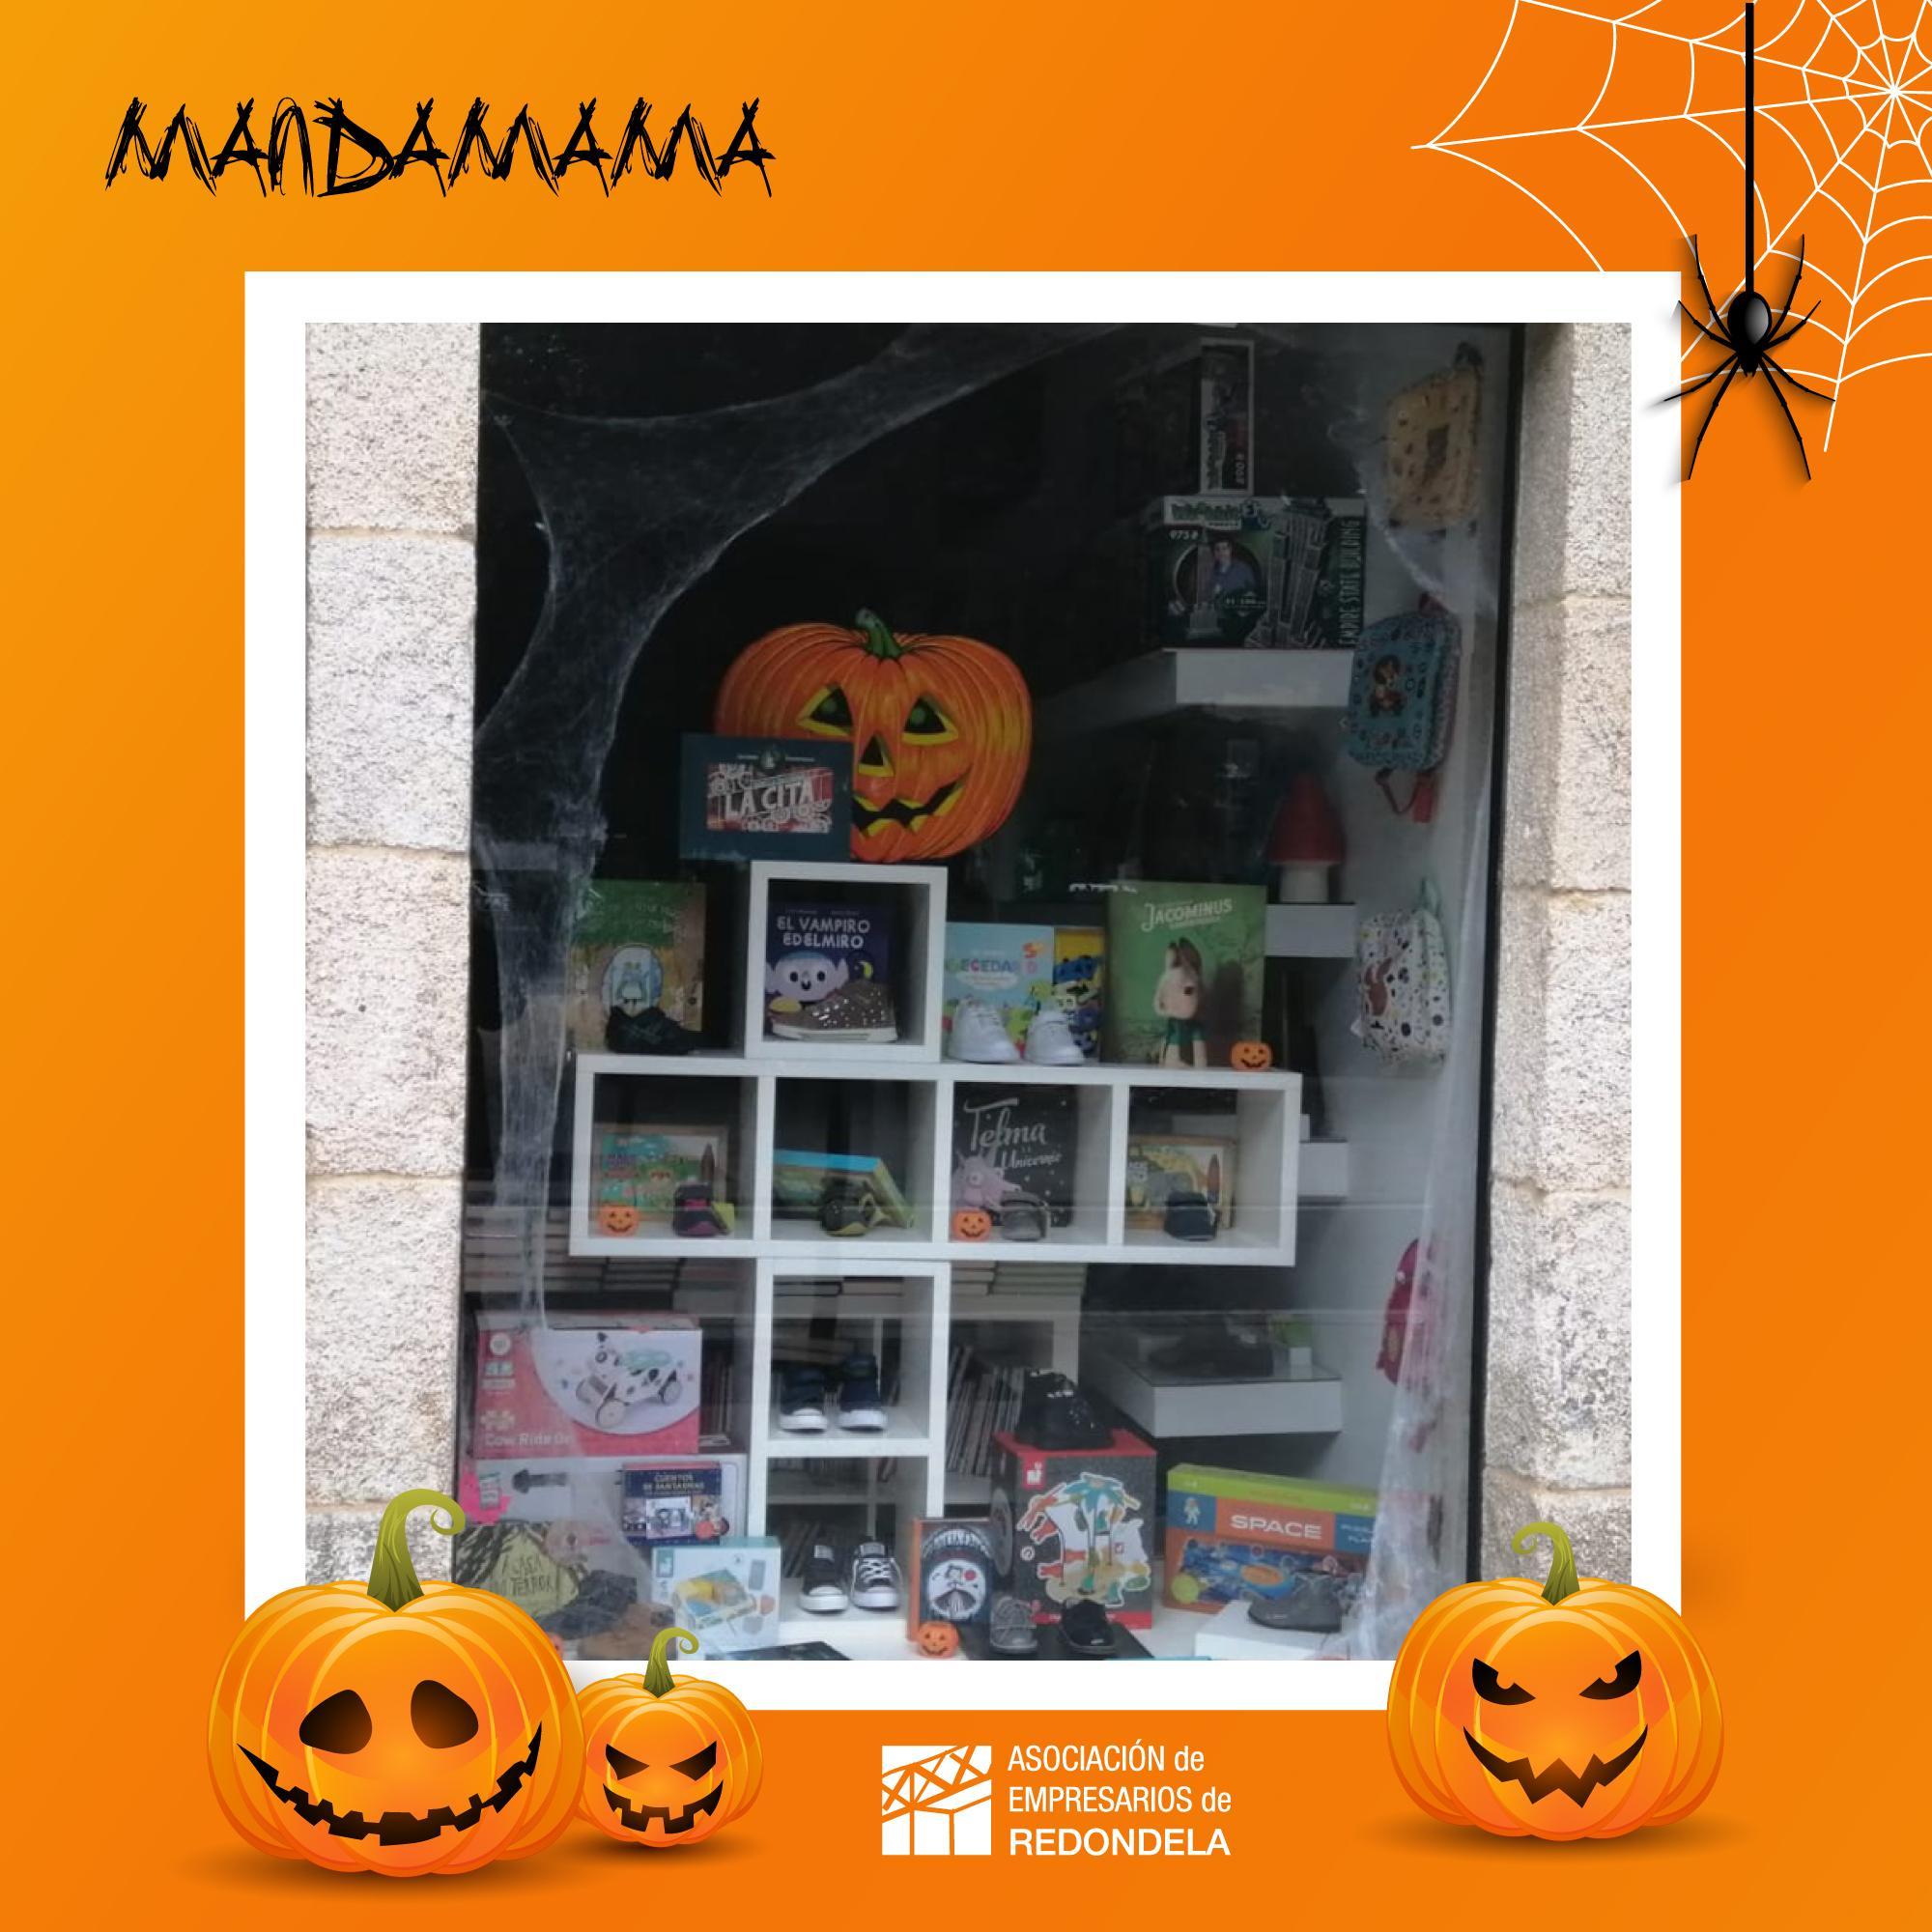 11-MANDAMAMÁ.jpg